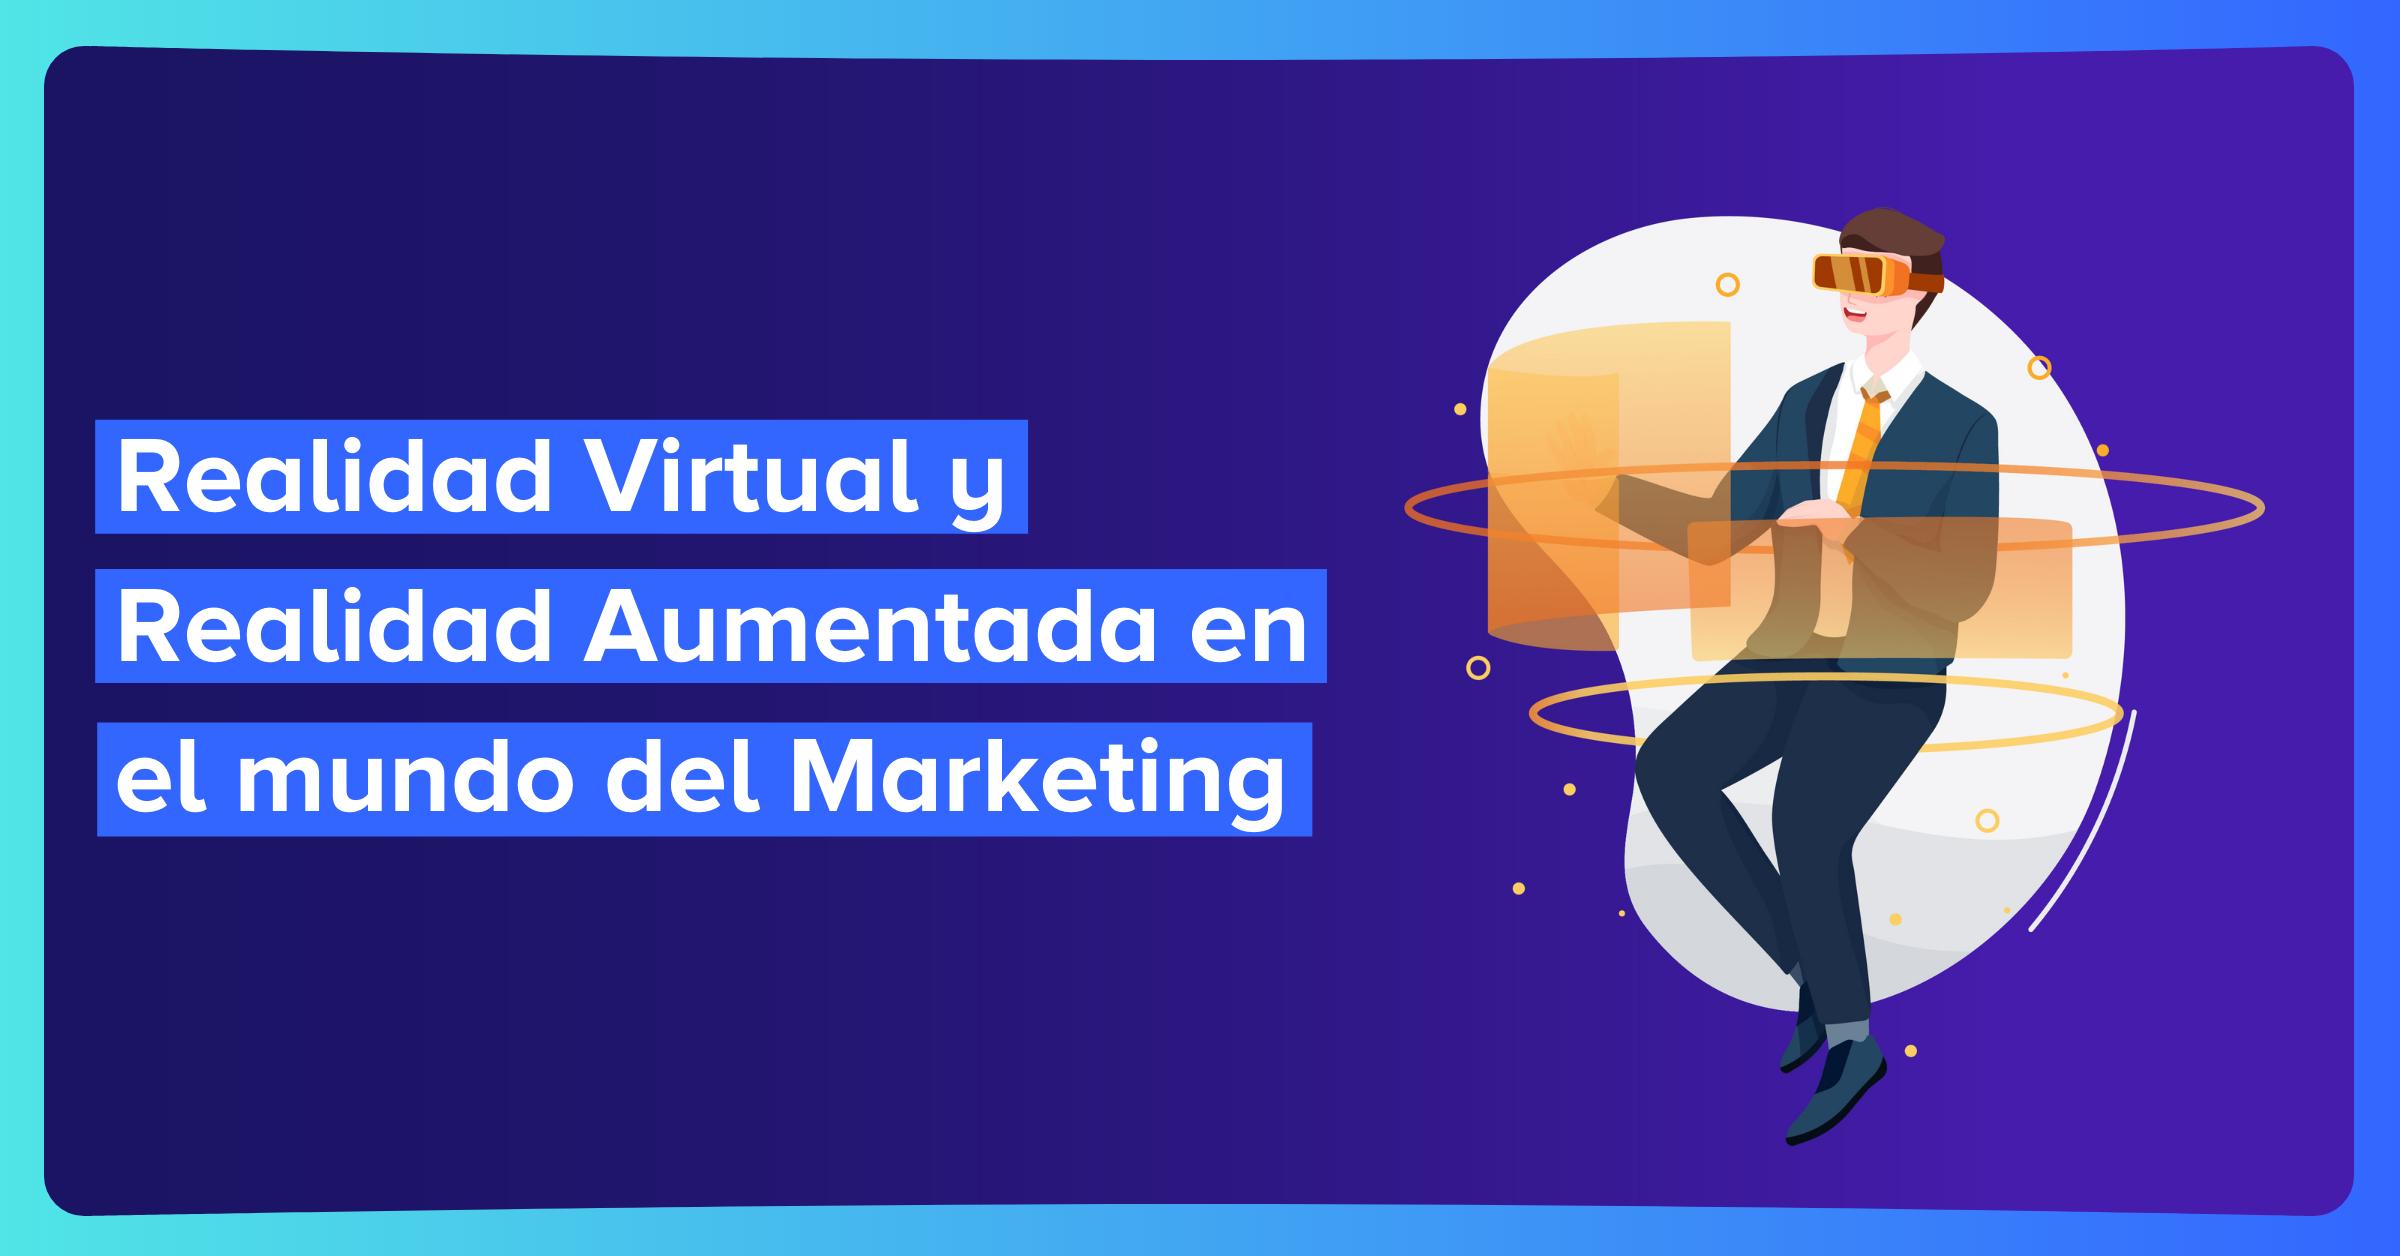 Realidad Virtual y Realidad Aumentada en el mundo del Marketing